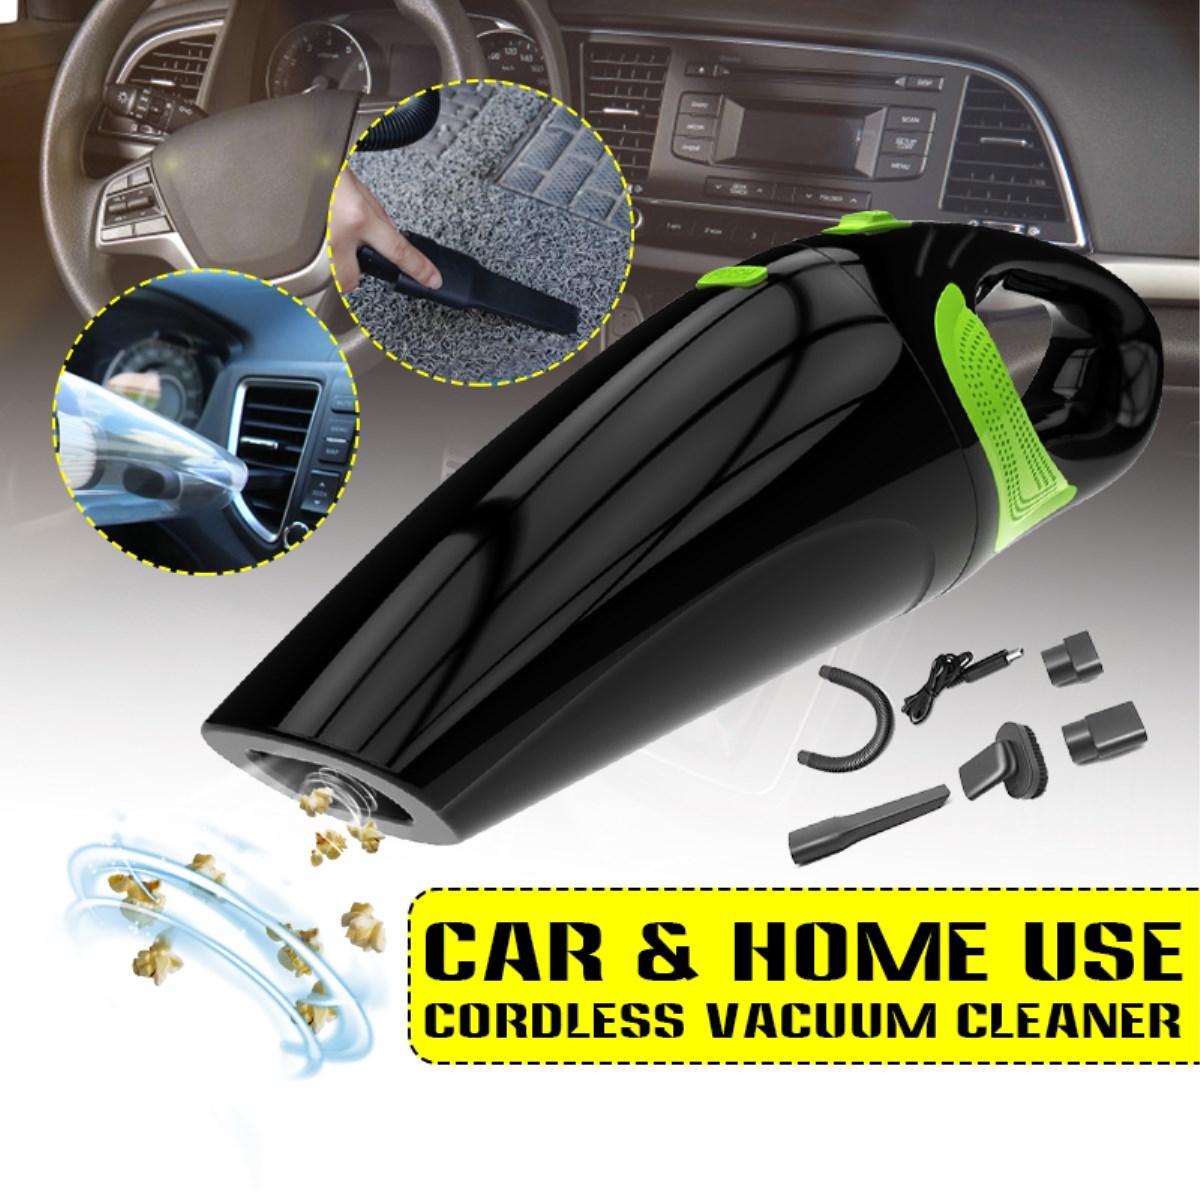 Auto Staubsauger 120 watt Handheld MIni Staubsauger Nass und Trocken Cordless Dual Verwenden Hause Auto Vakuum Aspirateur Voiture